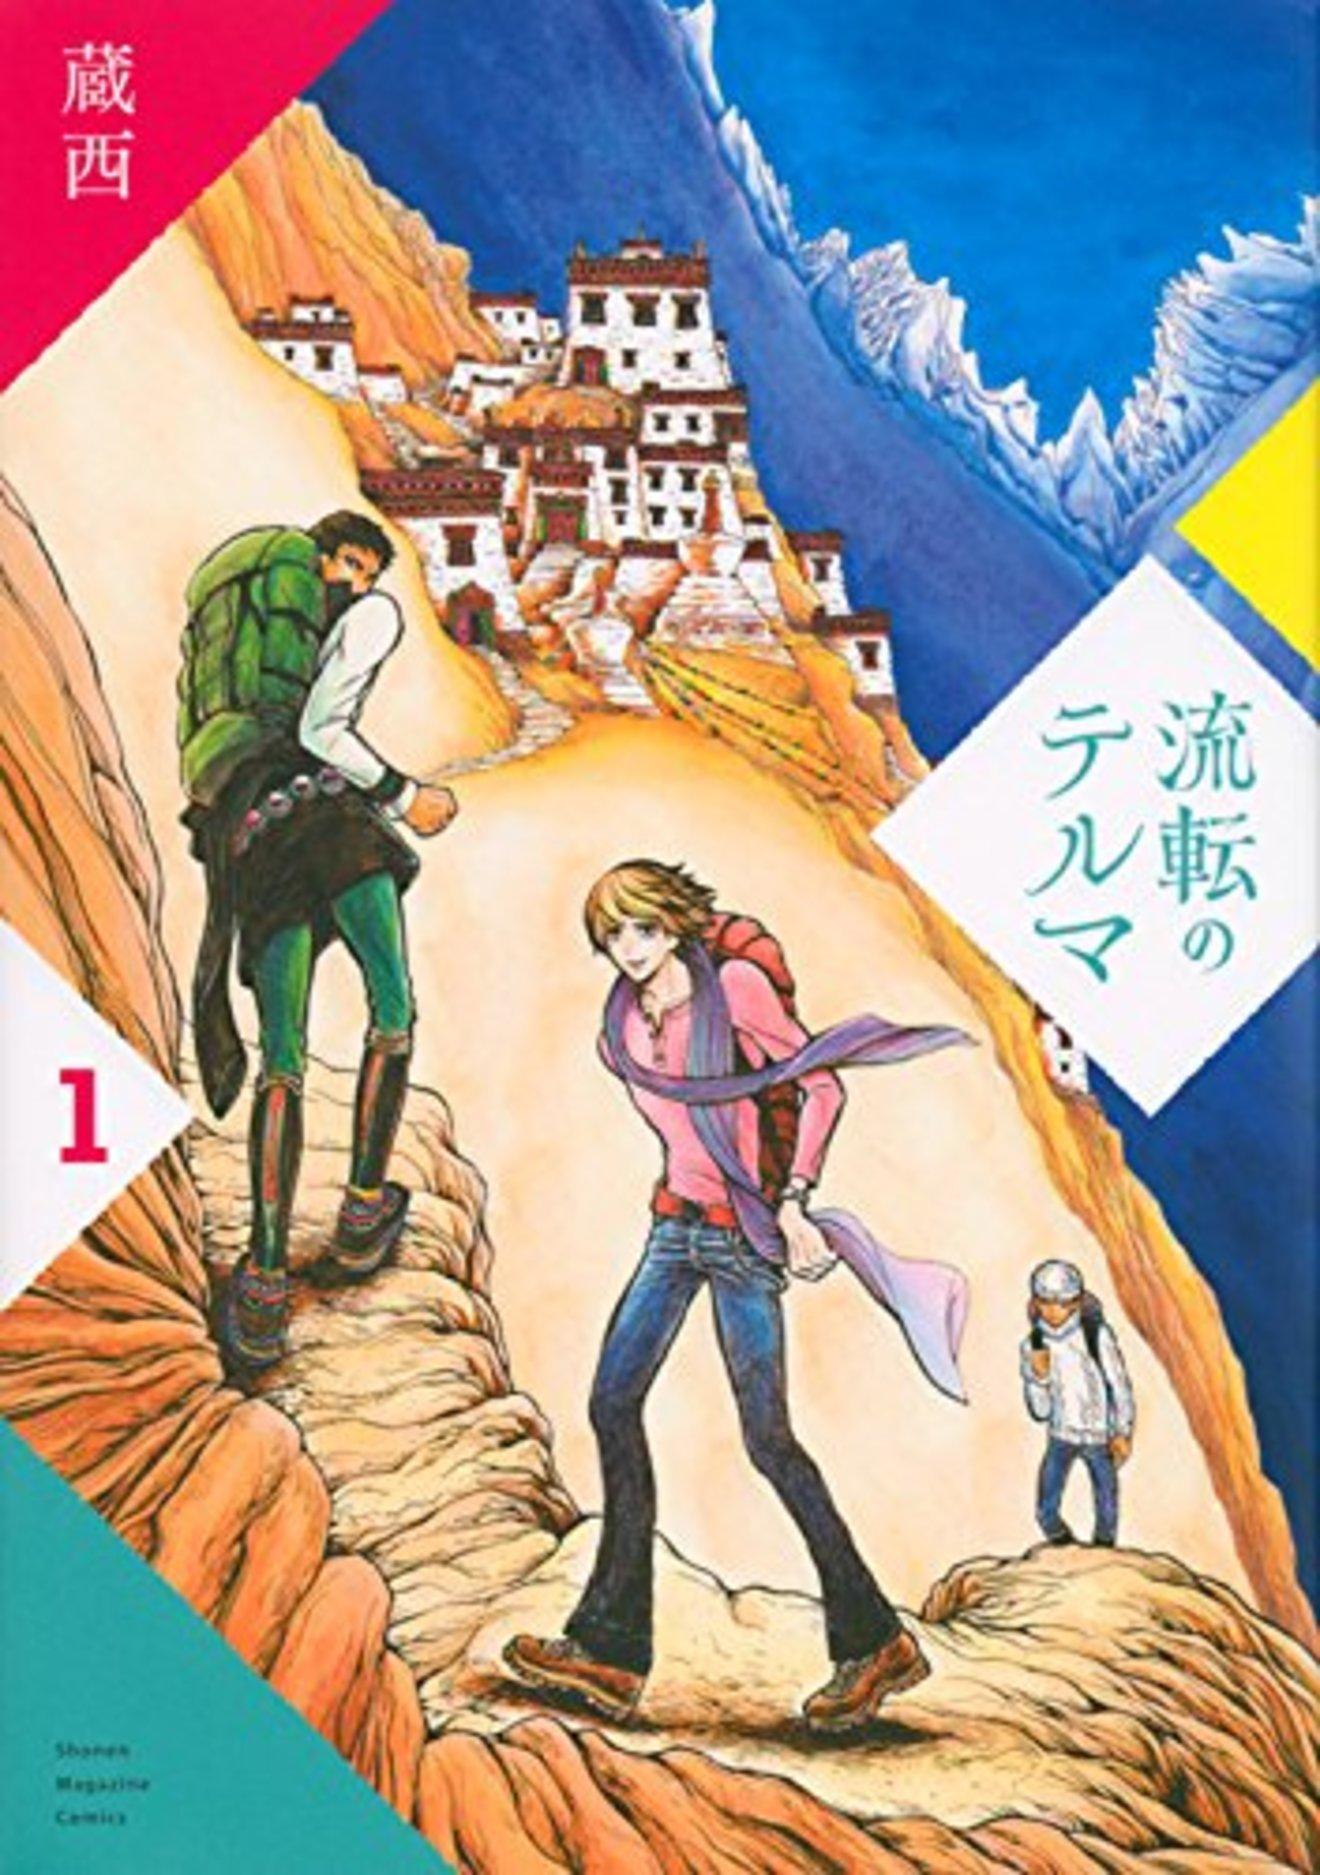 『流転のテルマ』の魅力を全4巻ネタバレ紹介!山岳×BLな隠れた名作!